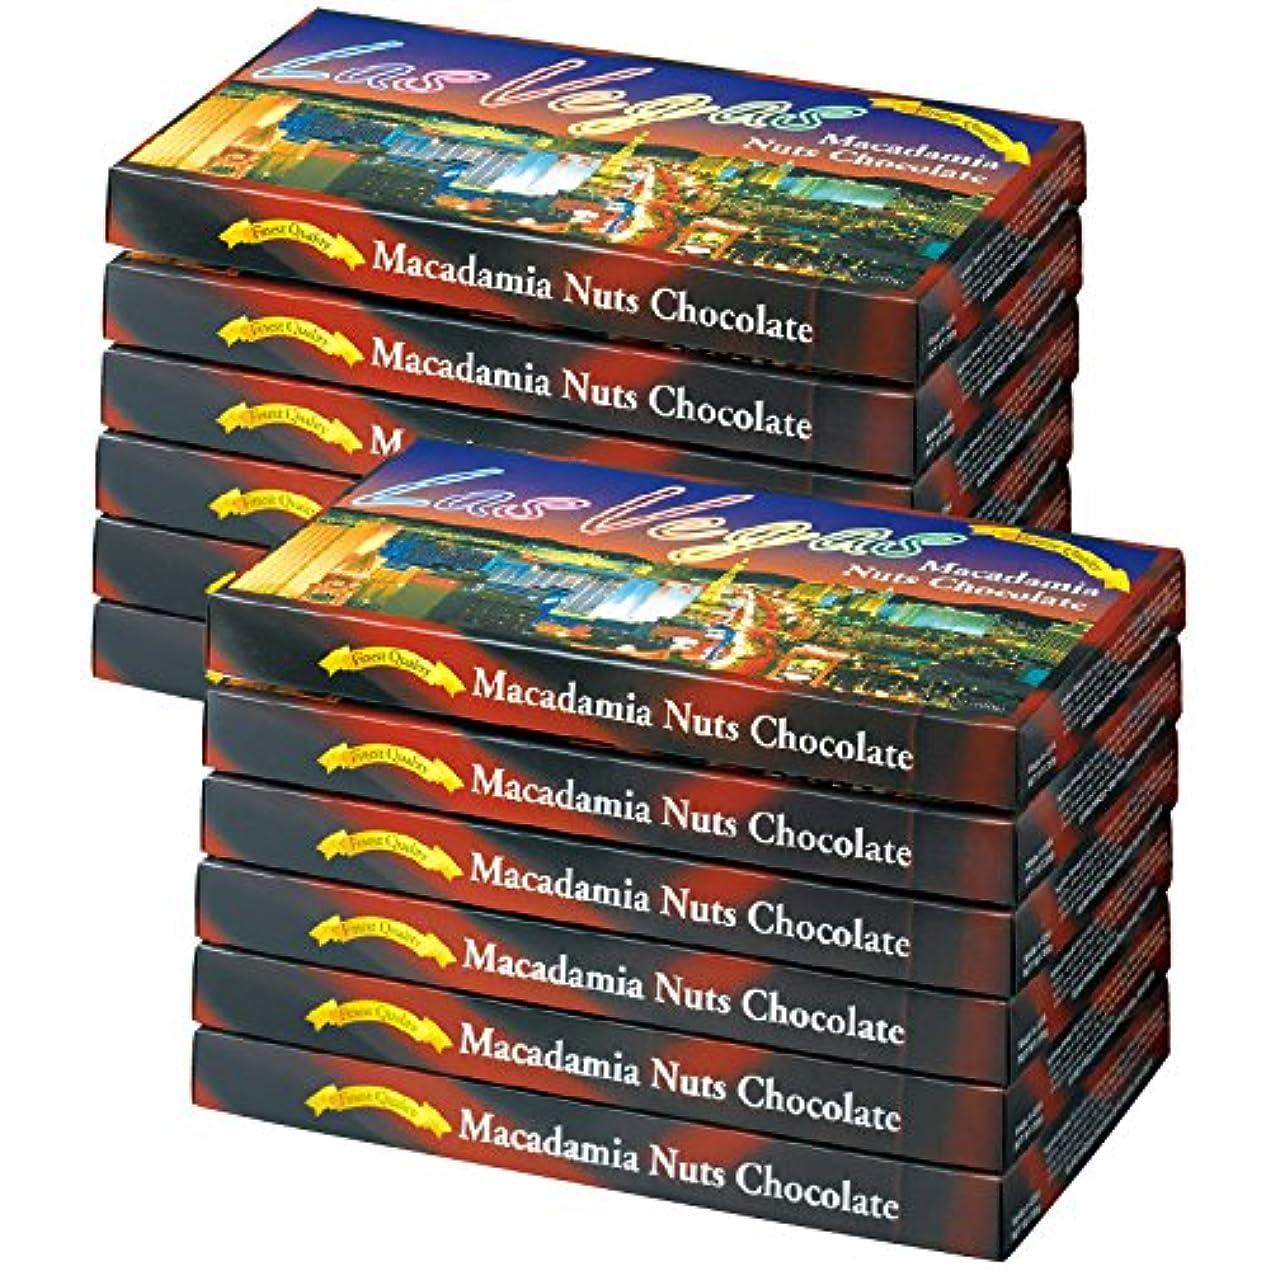 ビーズ細心のアメリカ 土産 ラスベガス マカデミアナッツチョコレート 12箱セット (海外旅行 アメリカ お土産)